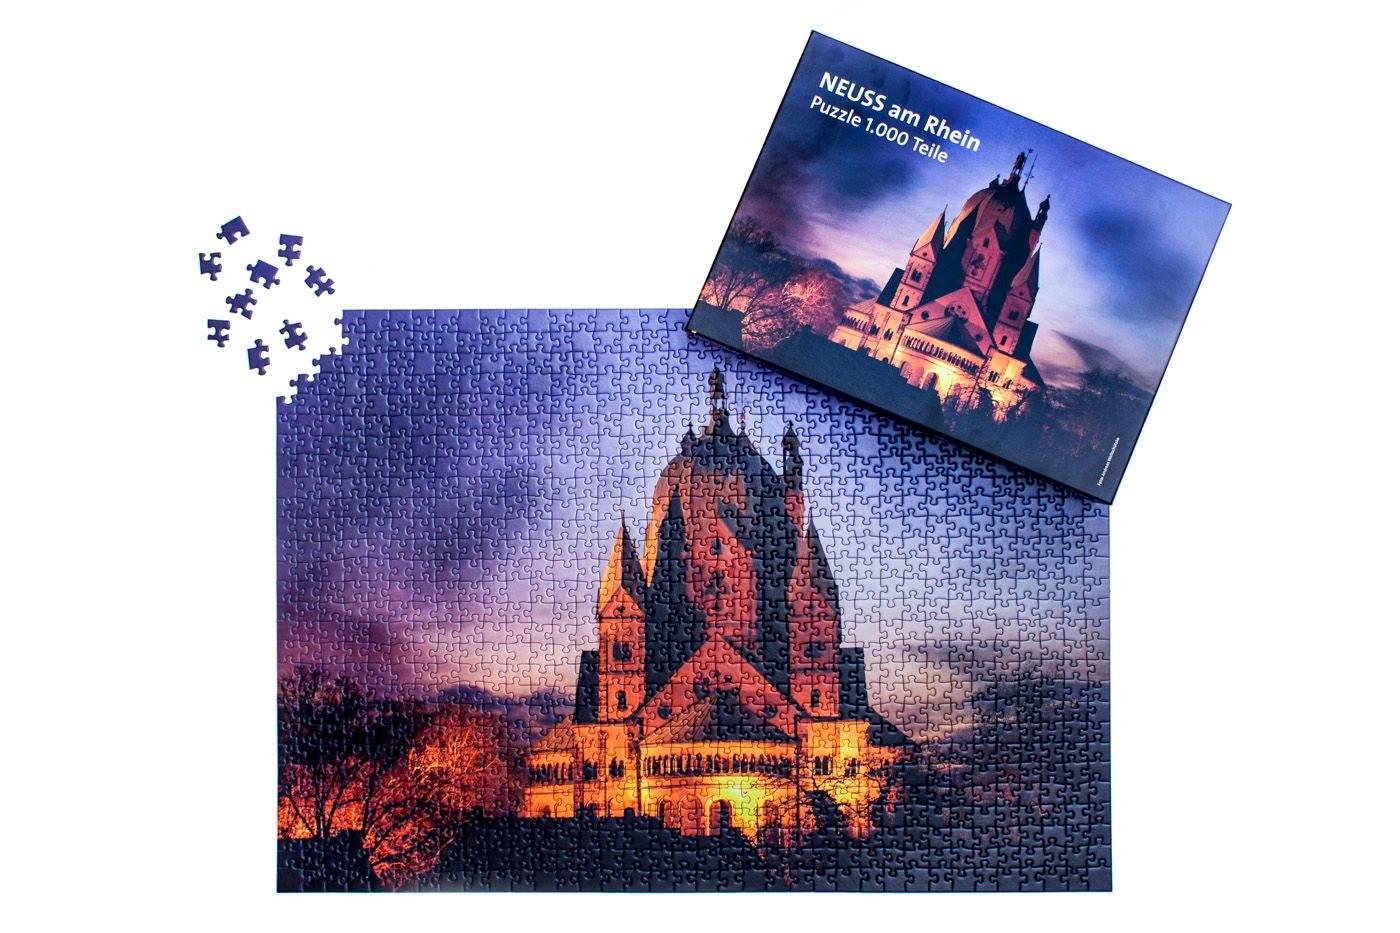 Puzzle Neuss.jpg